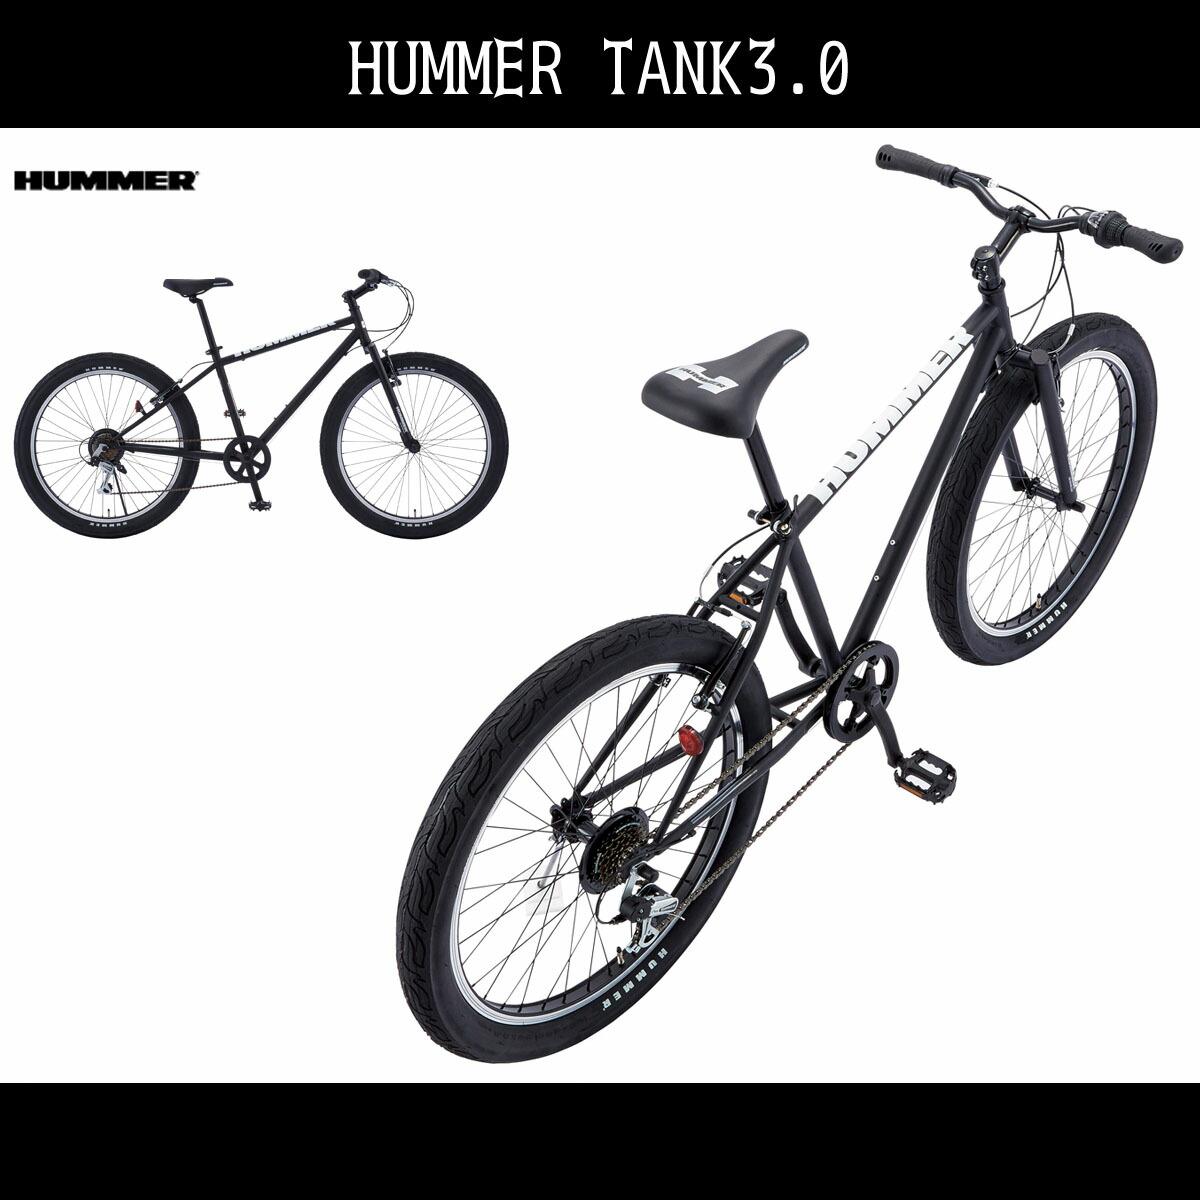 マウンテンバイク ハマー HUMMER 自転車 ブラック 黒色26インチ マウンテンバイク 外装6段変速ギア MTB 自転車 ハマー マウンテンバイク TANK3.0 激安